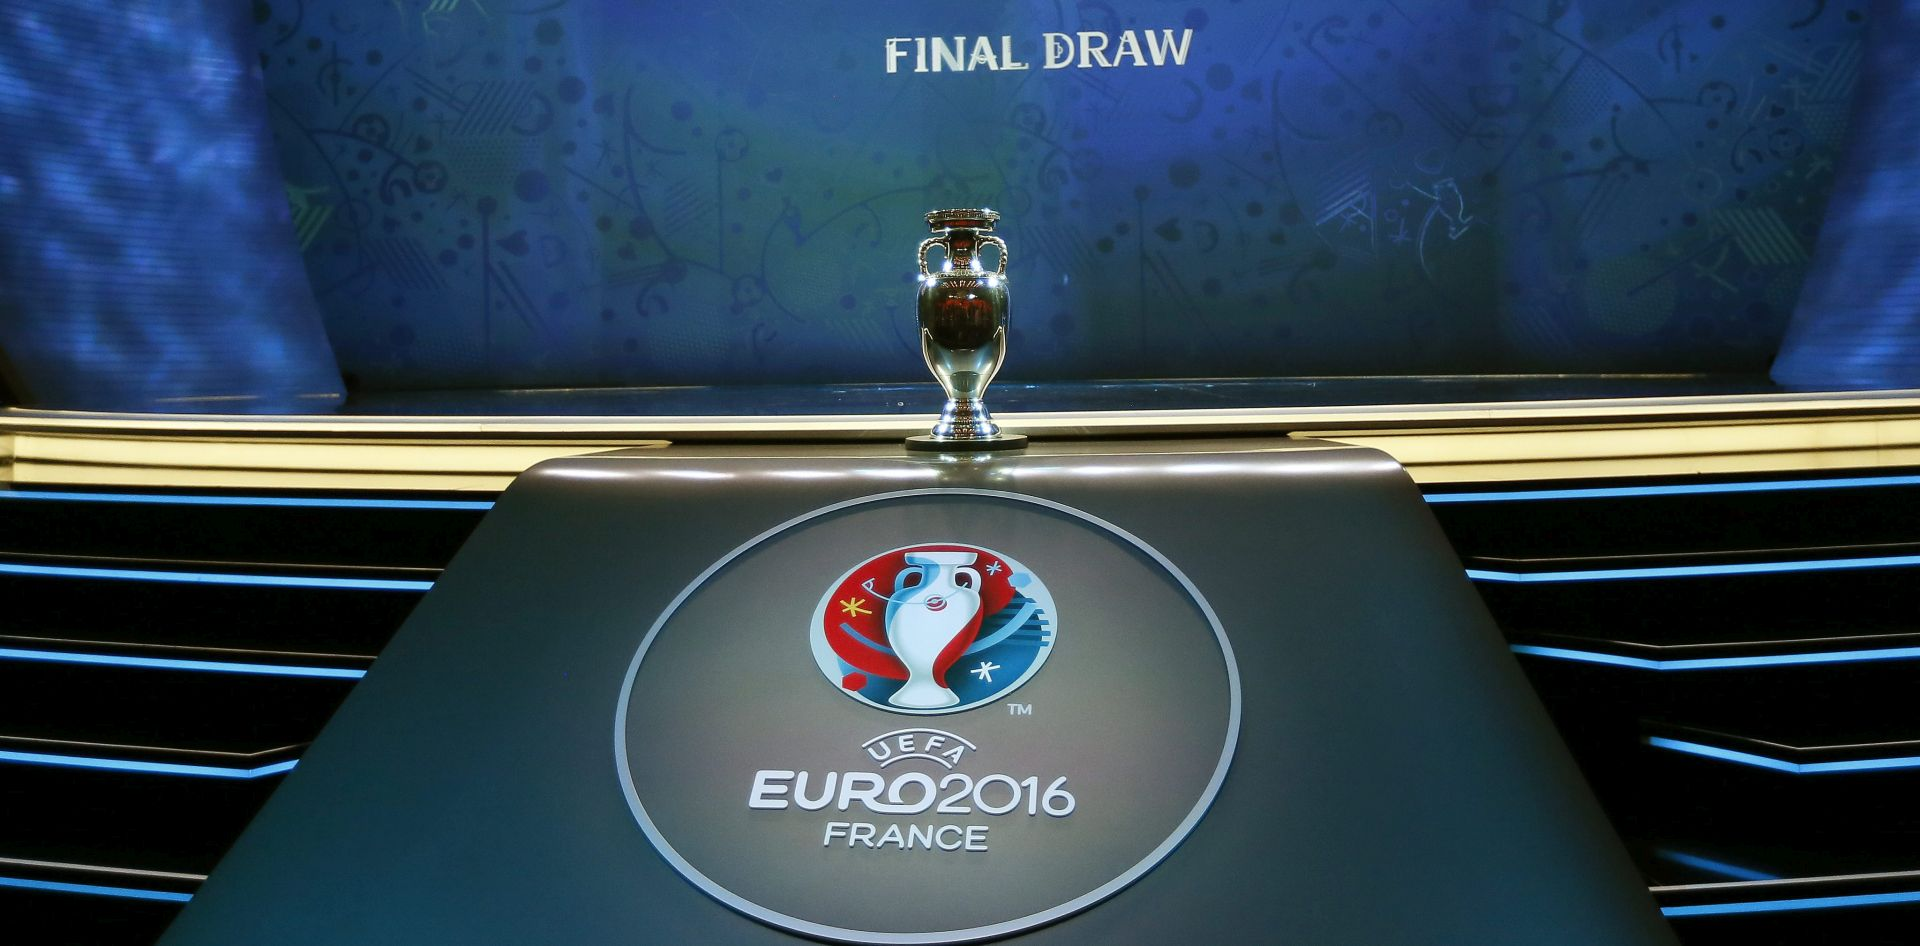 Hrvatska na EURO-u protiv Španjolske, Češke i Turske! Otvaramo s Turcima na Parku prinčeva